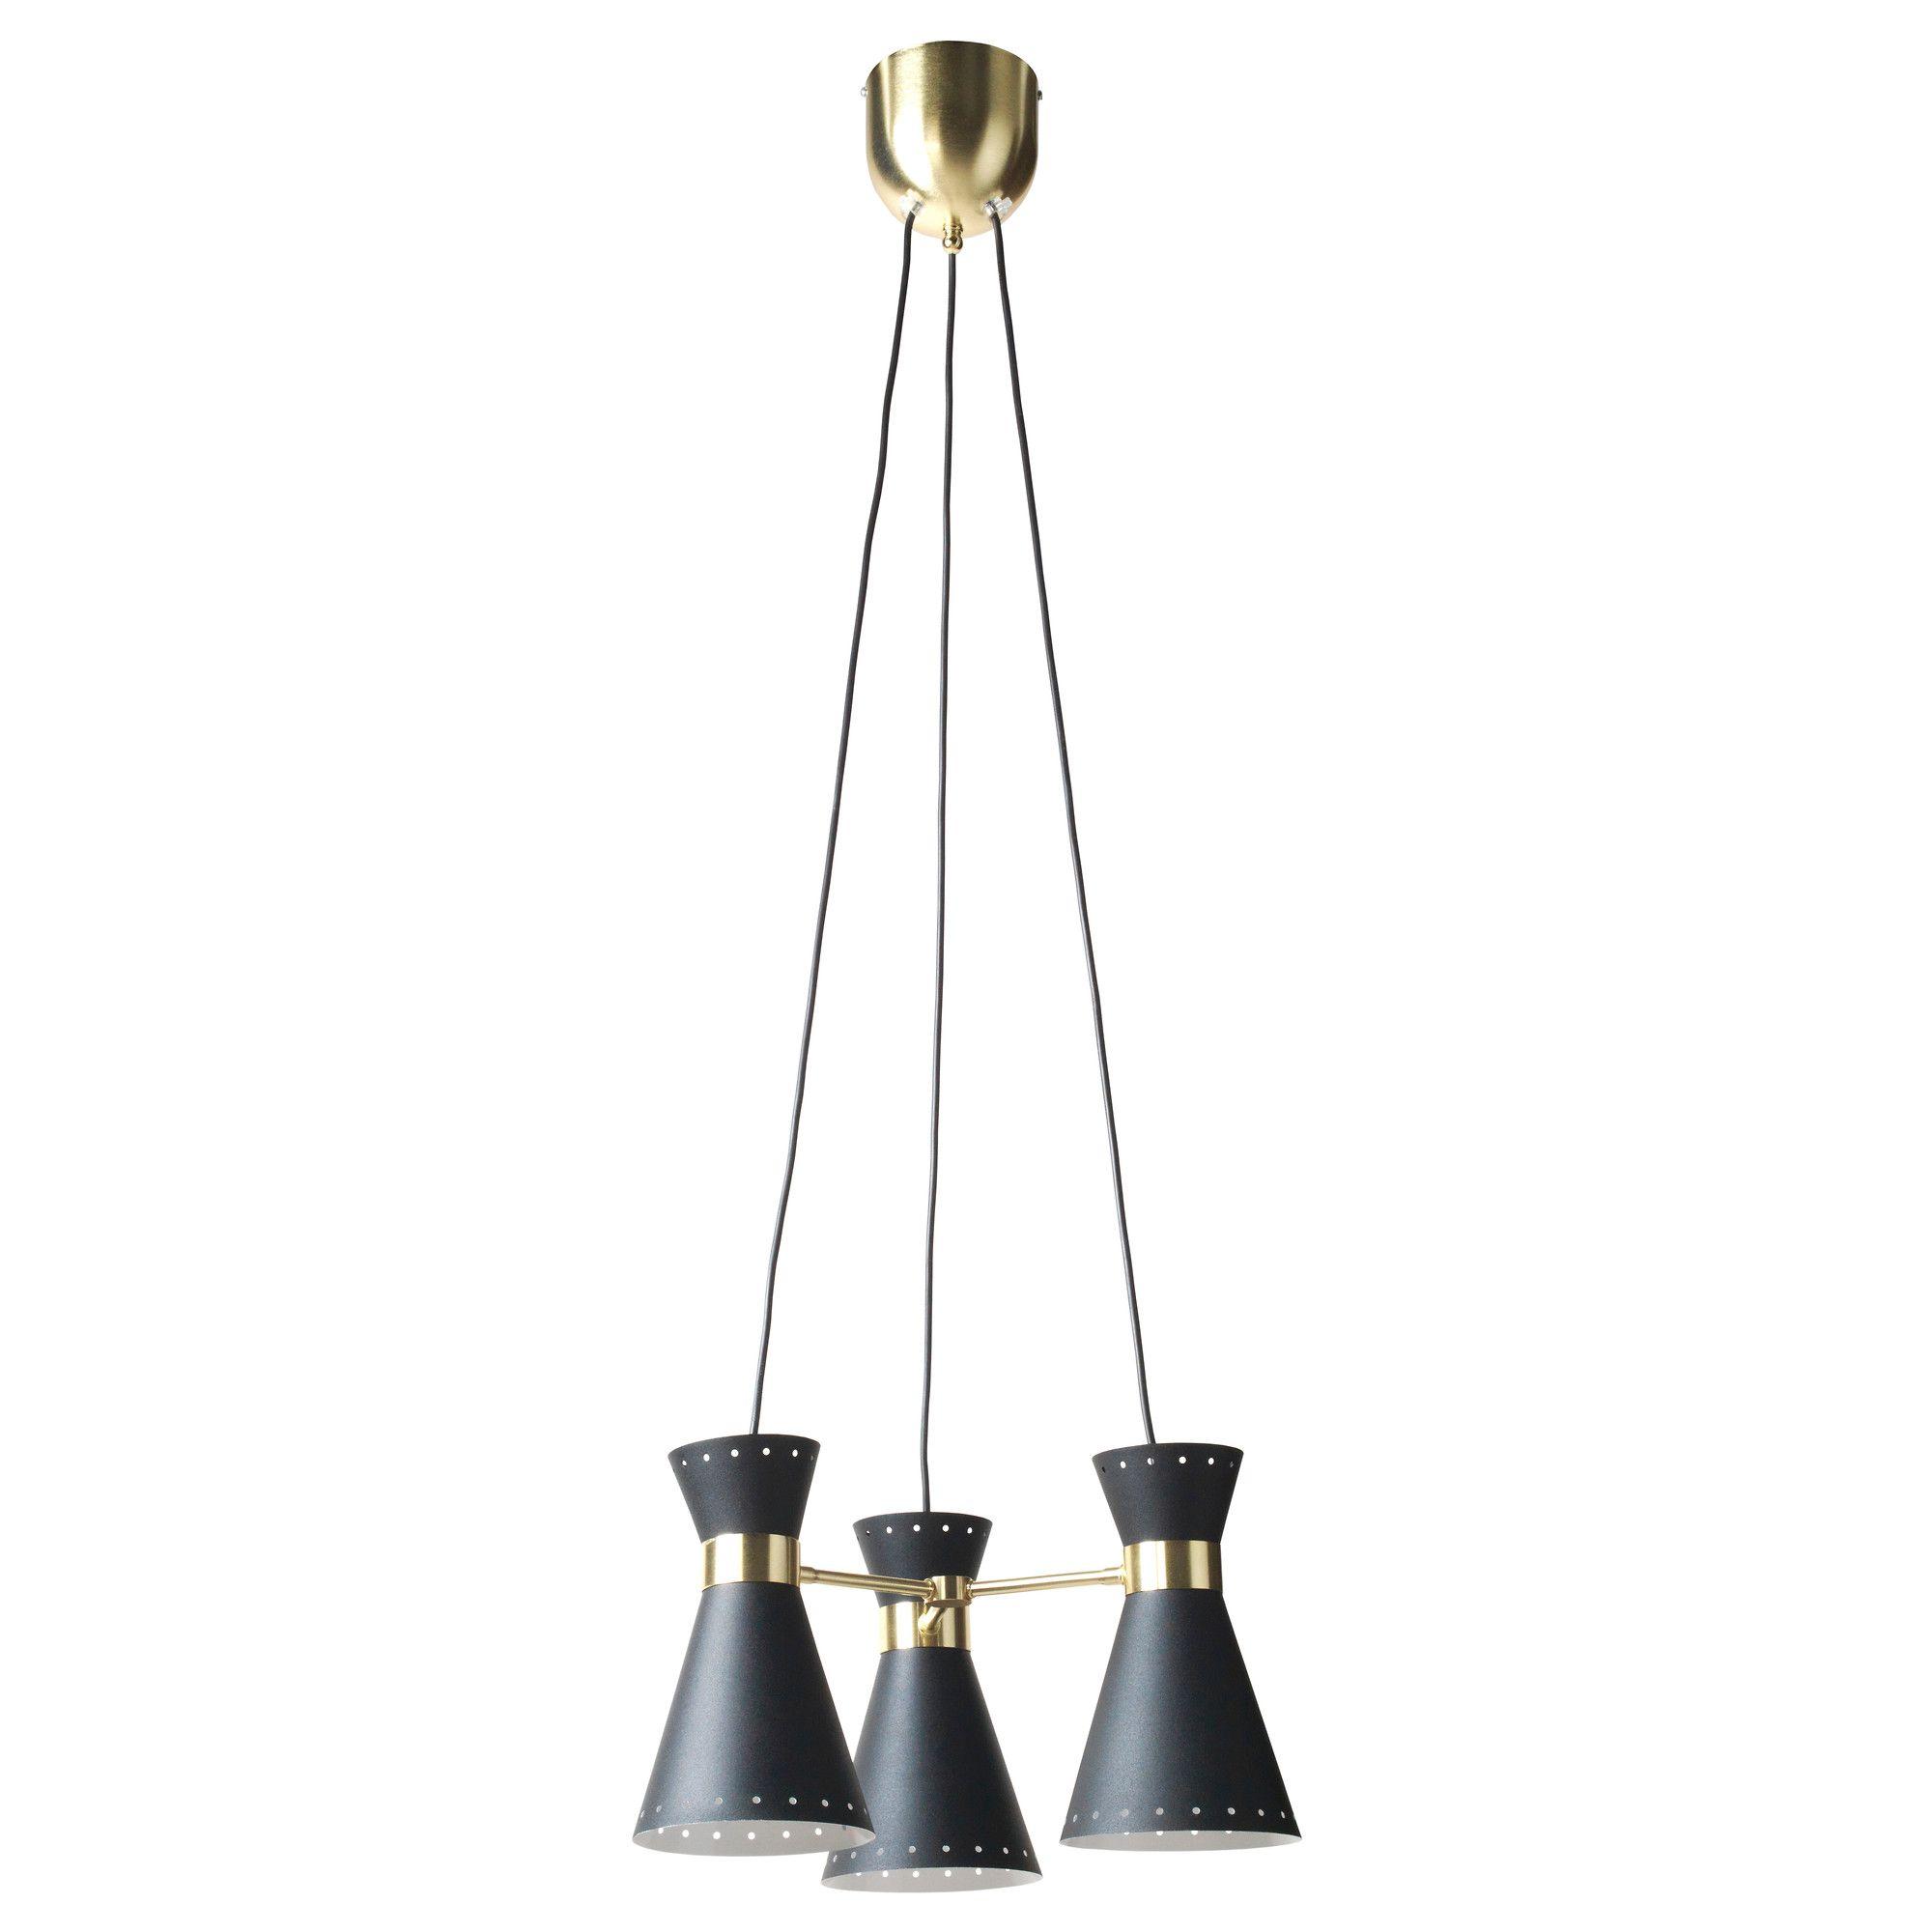 2d0d3c7a68f9c1e015d2665ecf345e5d 30 Frais Lampe Cuivre Ikea Ksh4